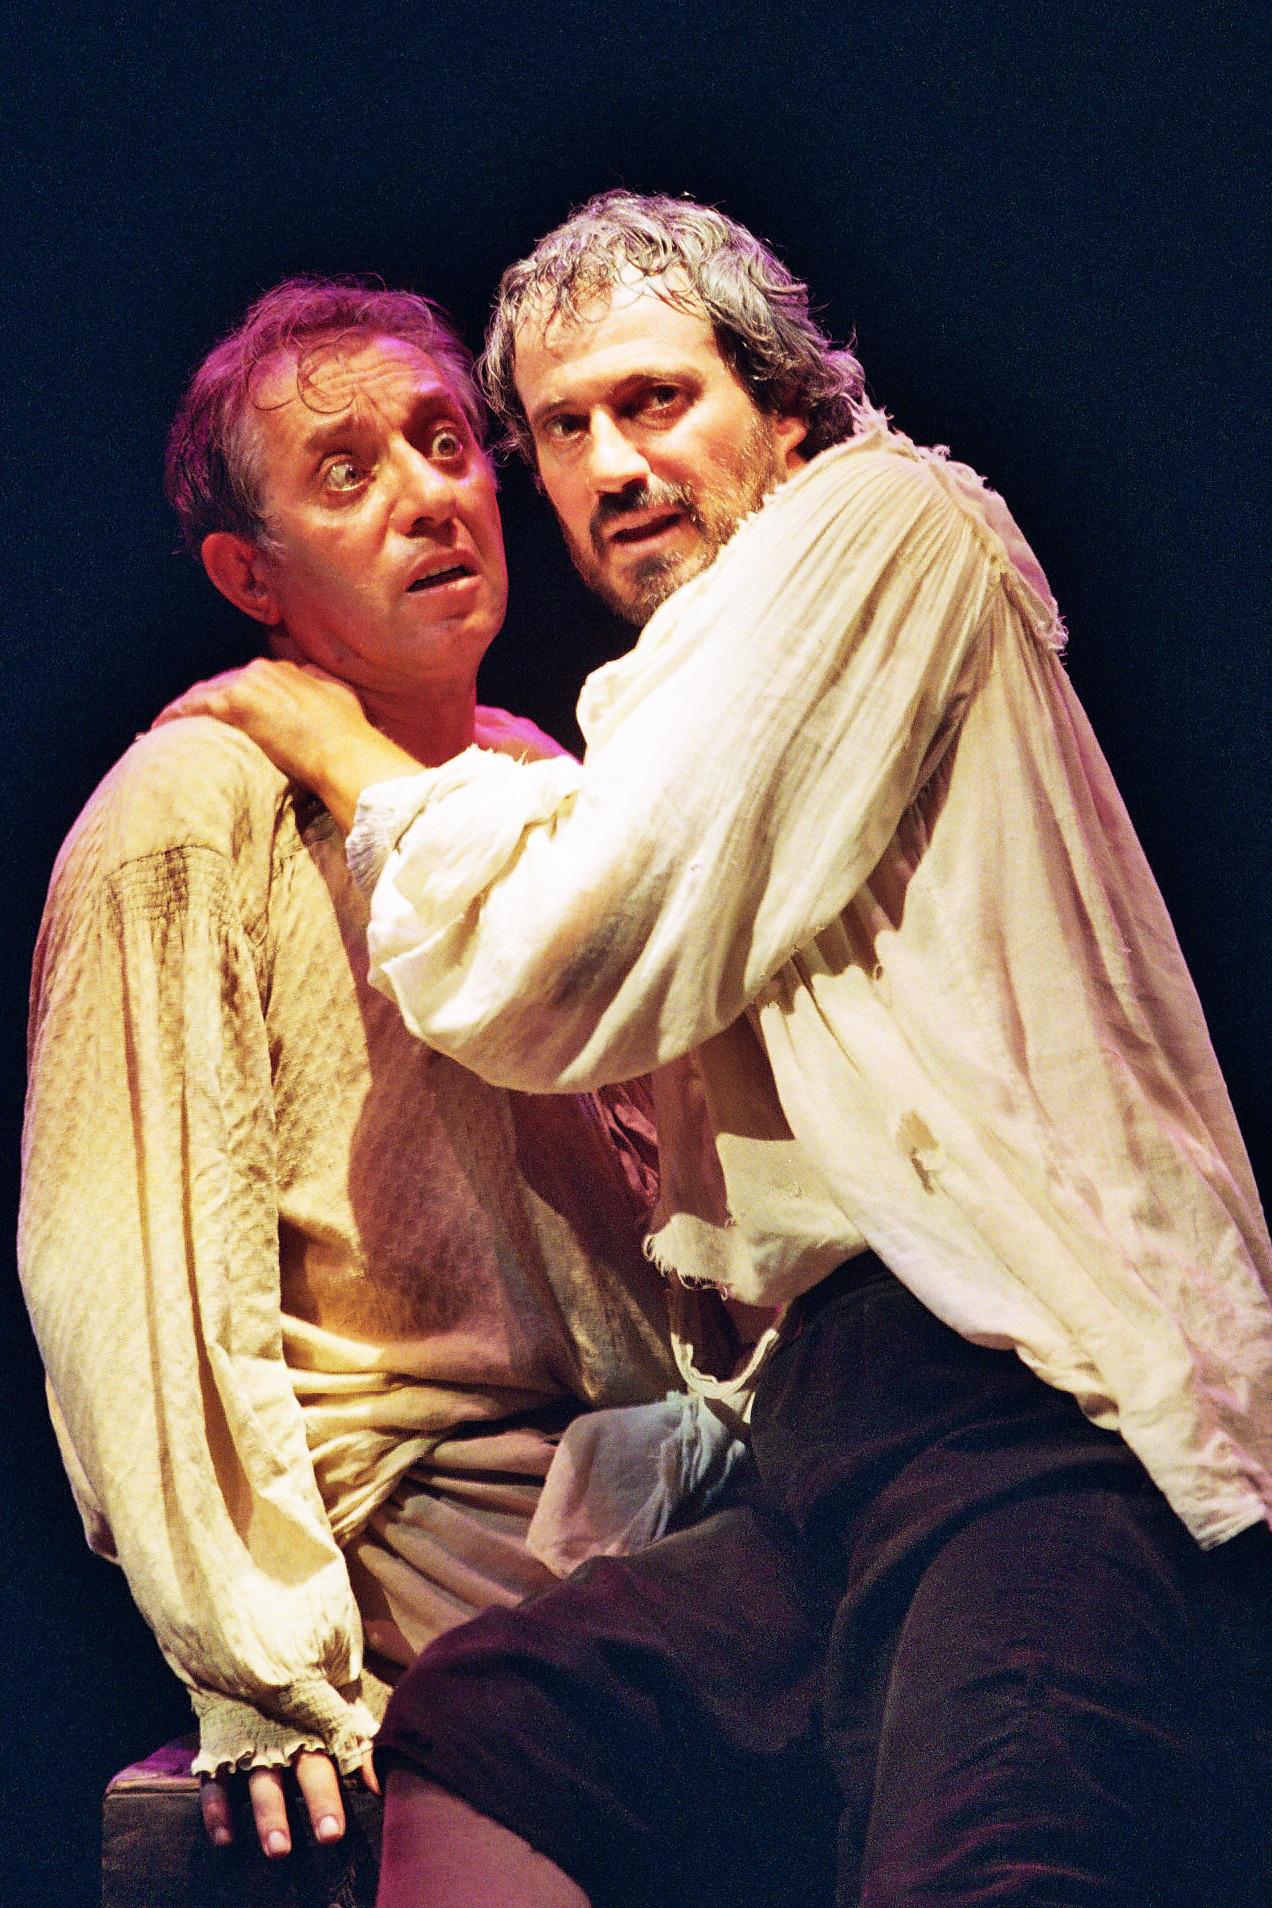 Globe Theatre | SHAKESPEA RE DI NAPOLI dal 2 al 6 settembre